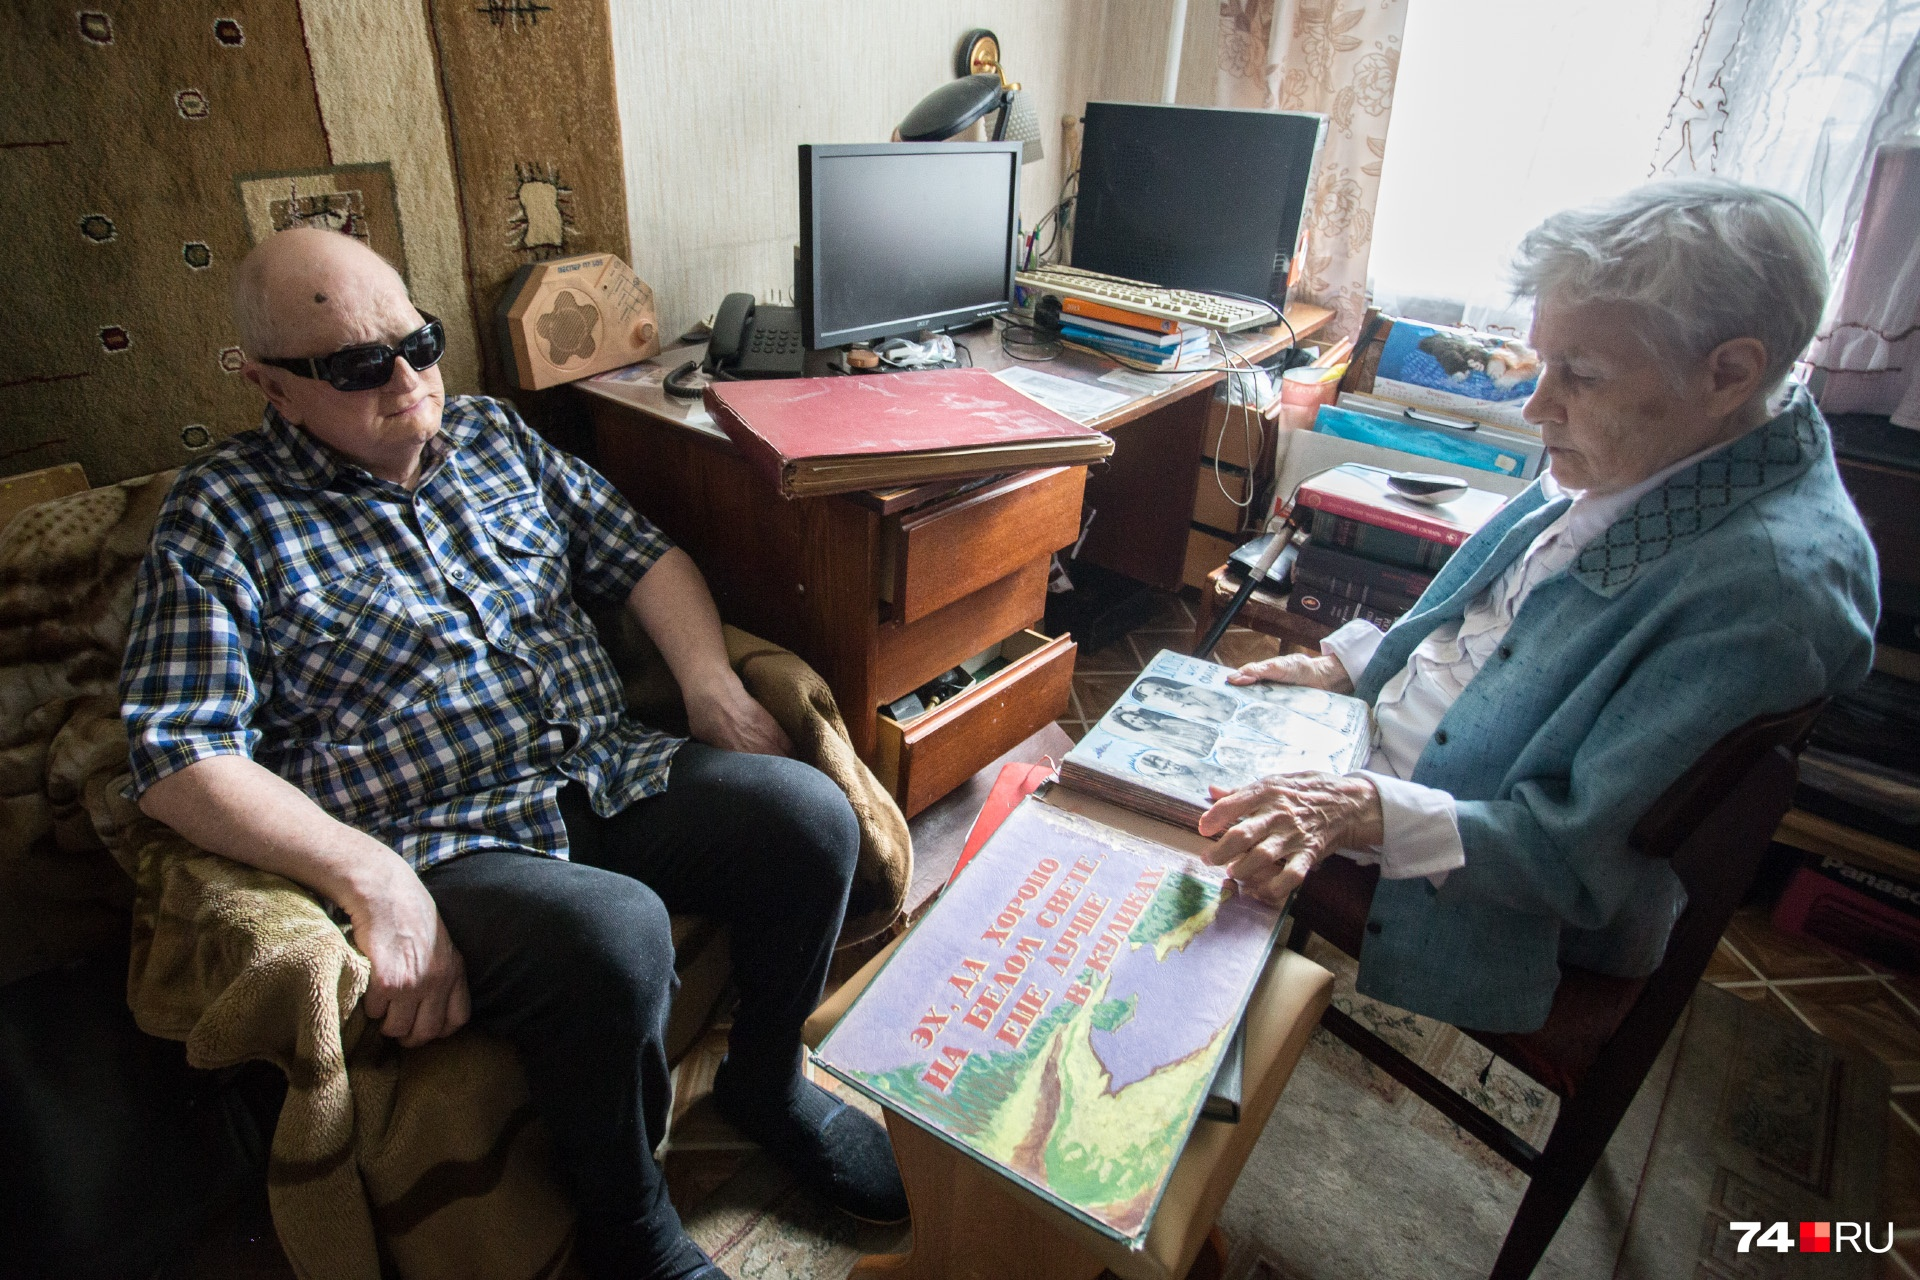 О фото из семейного альбома Игорь Владимирович знает лишь по описаниям